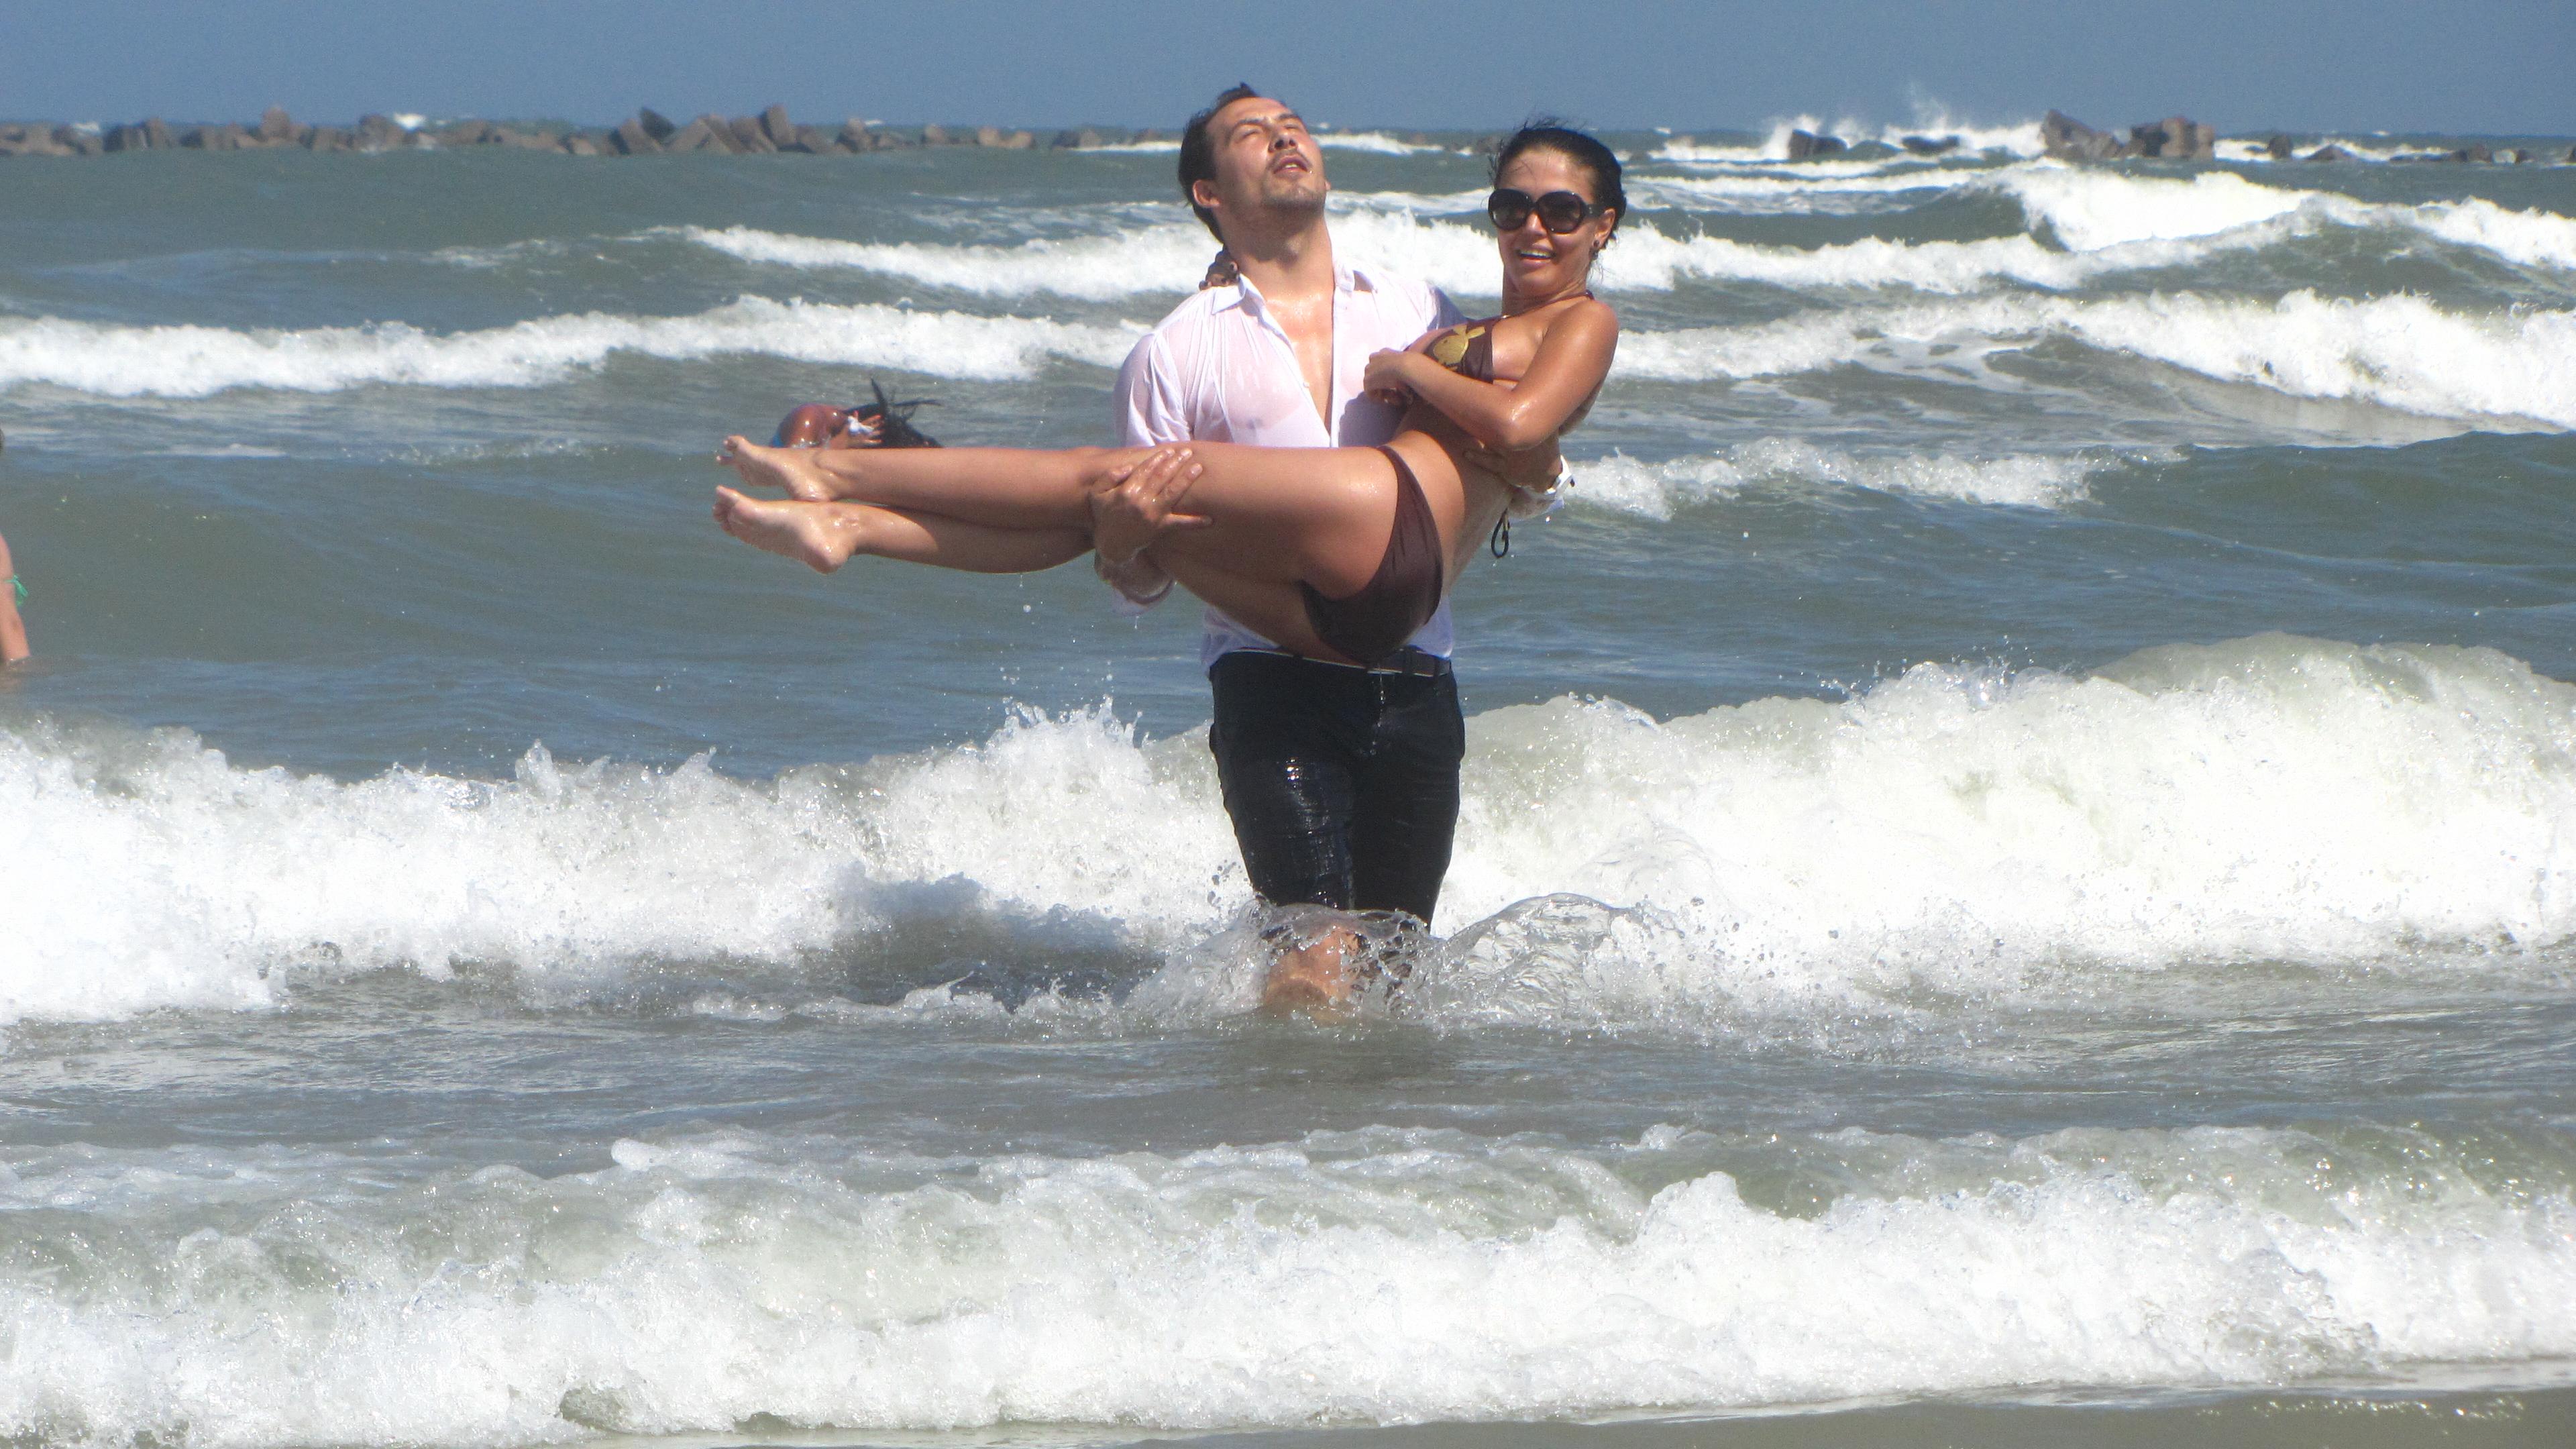 Pentru ca Andreea sa nu se murdareasca de nisip, stan o poarta in brate pana pe plaja